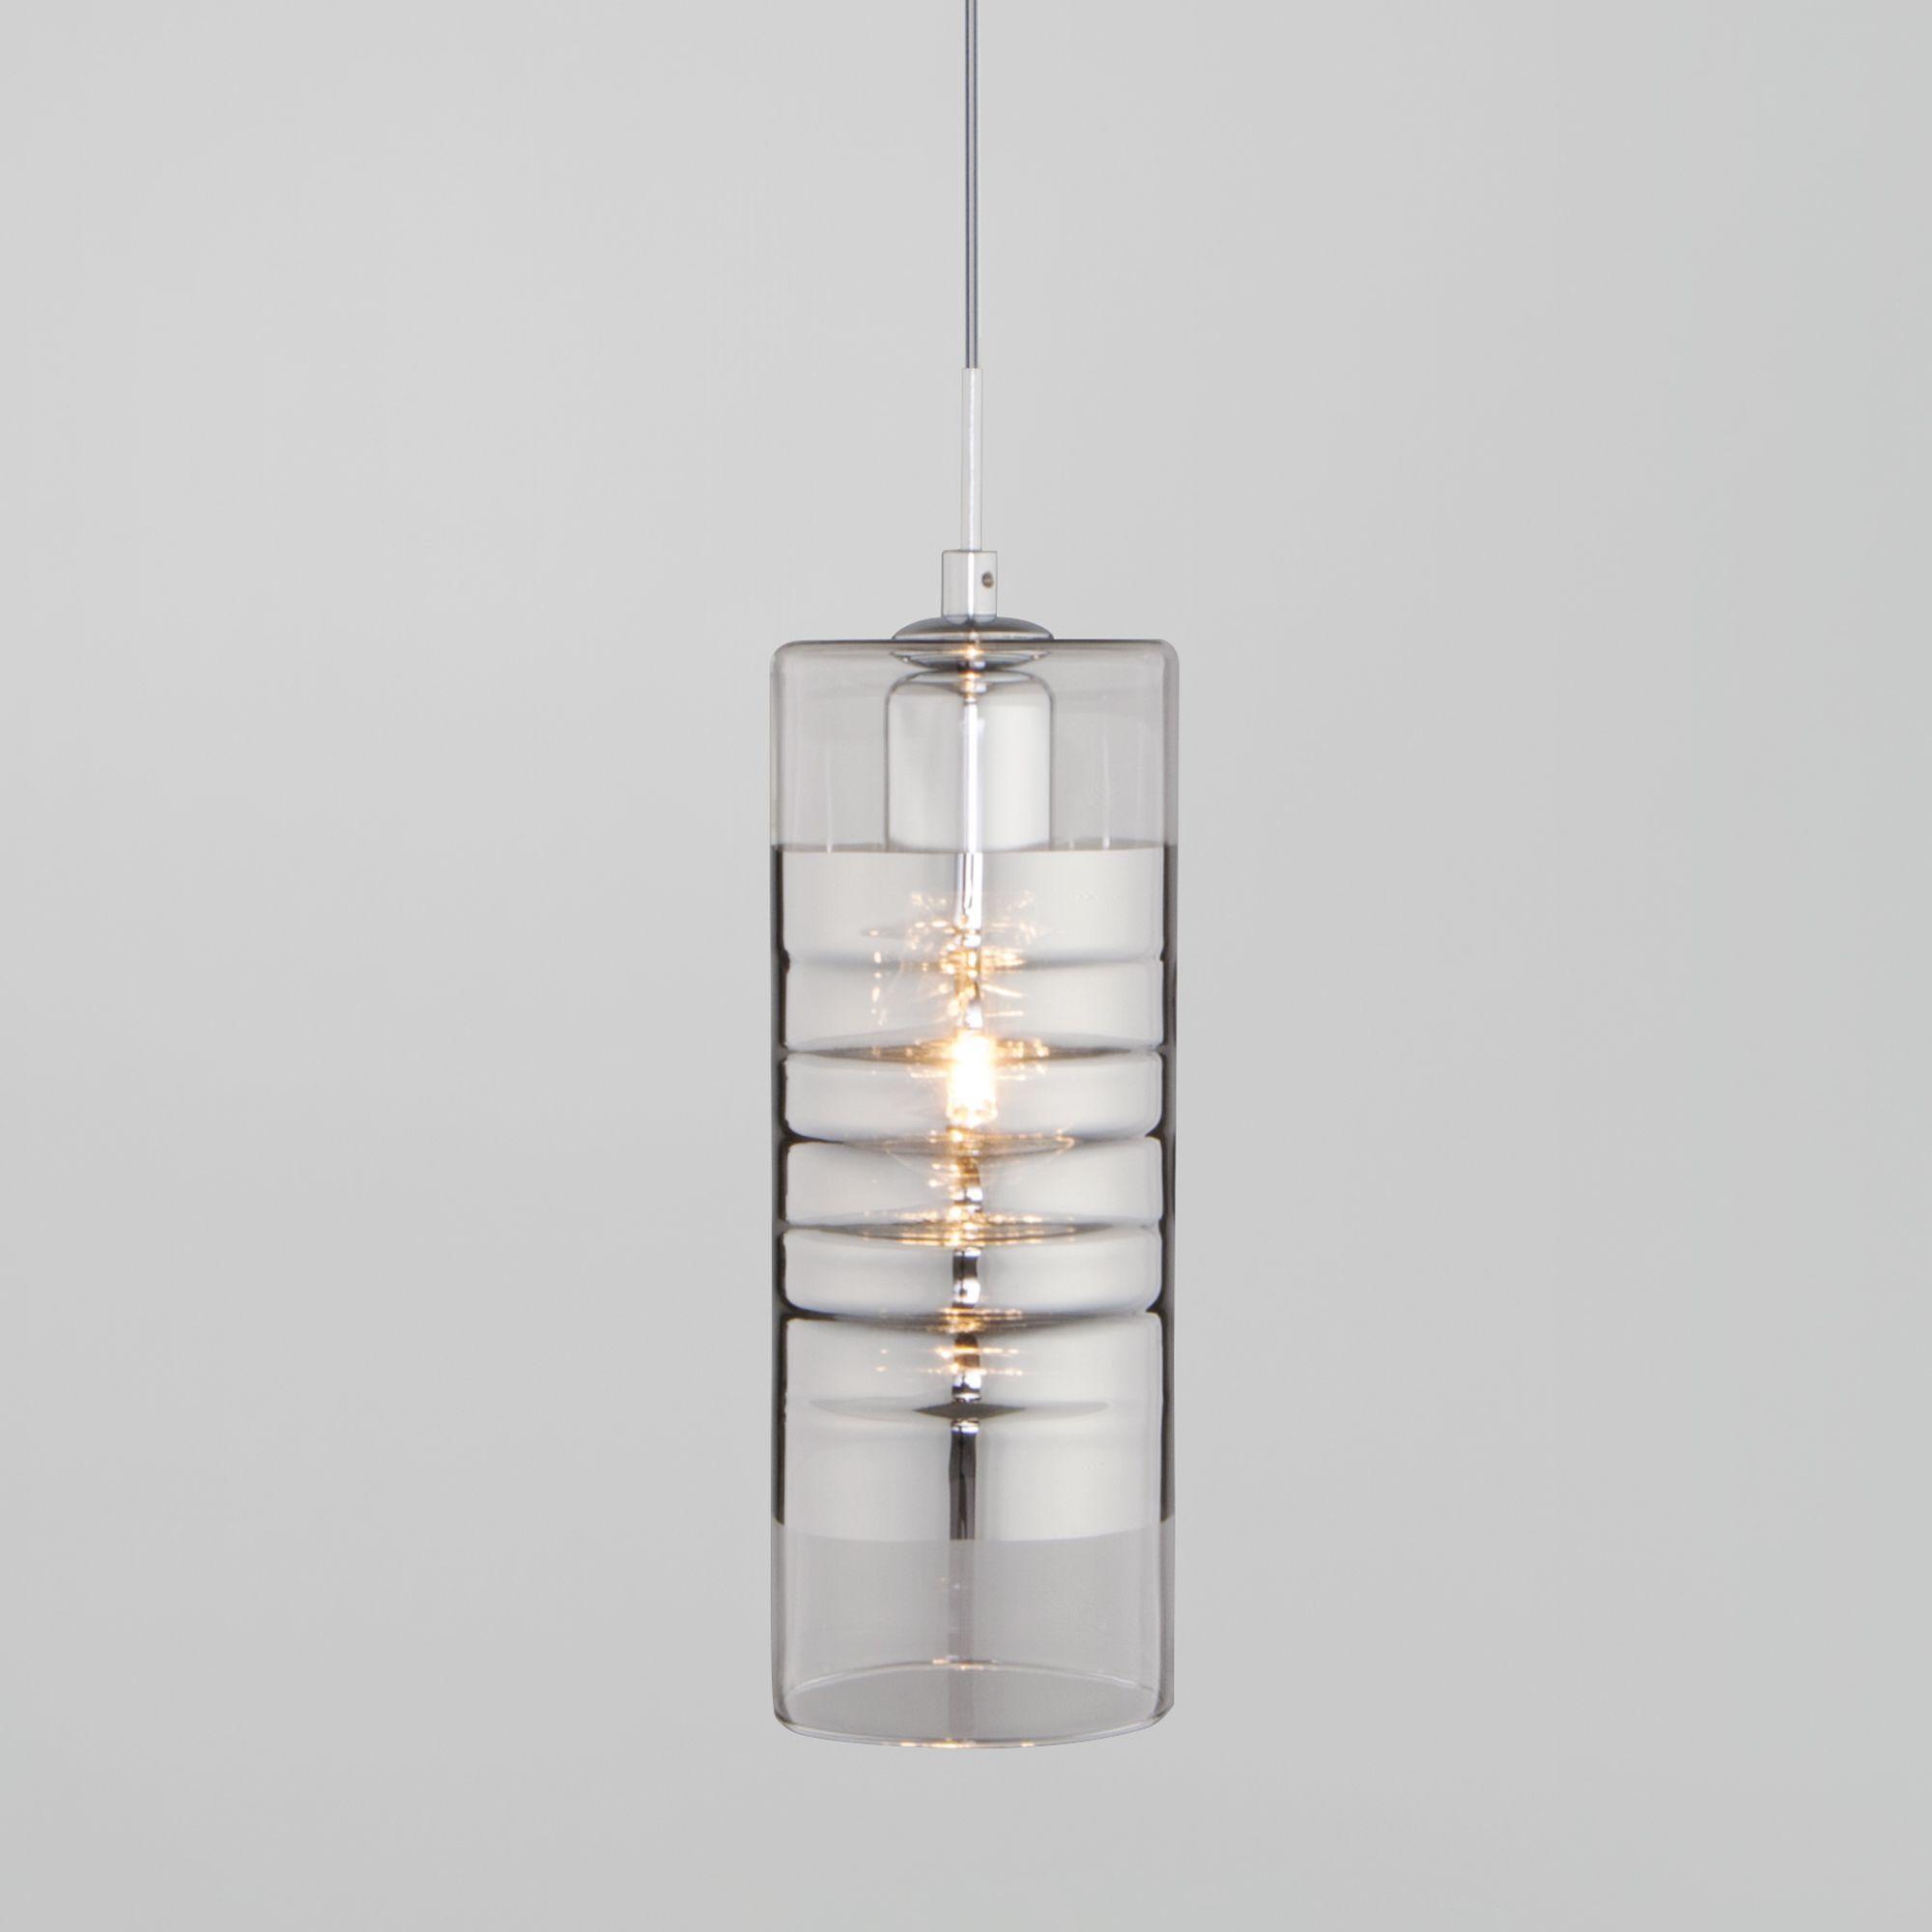 Подвесной светильник со стеклянным плафоном 50185/1 хром